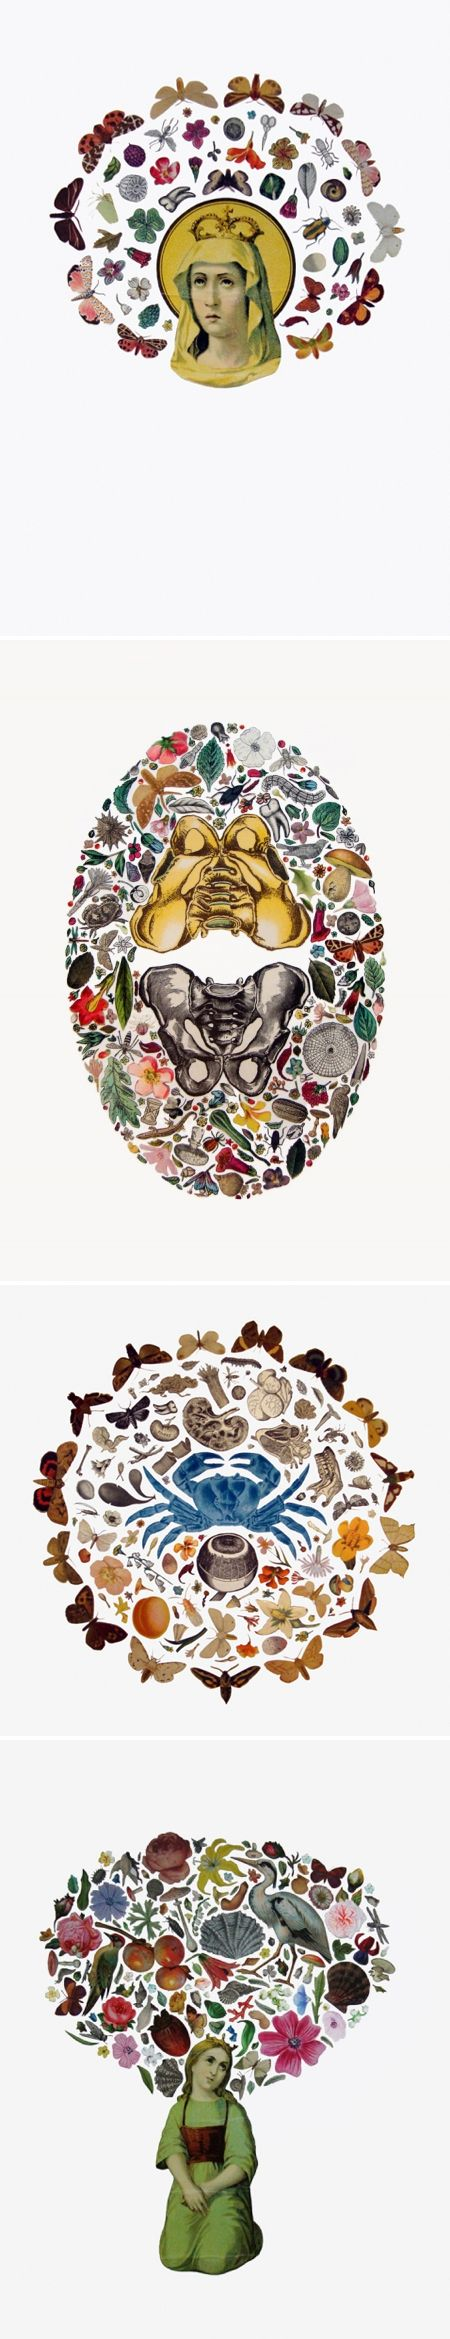 adrienne slane - found image collage